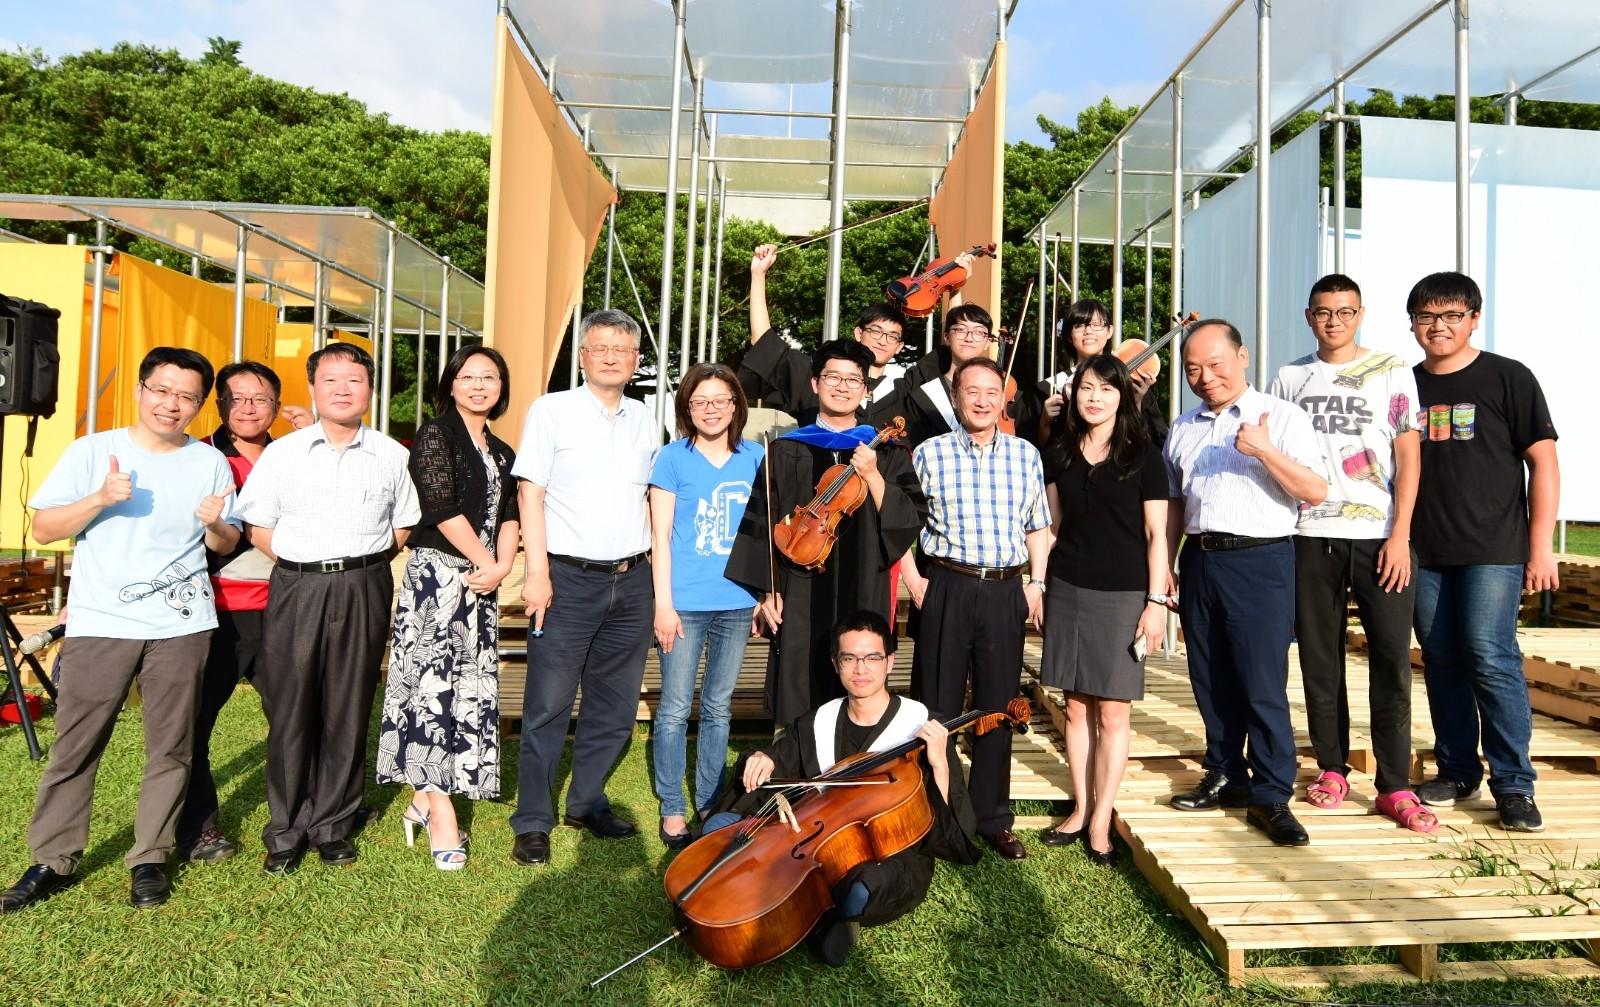 中原大學除定期舉辦小型音樂會,在重要節慶也會邀請藝術家到校演出,校園處處洋溢藝術氣息。.JPG